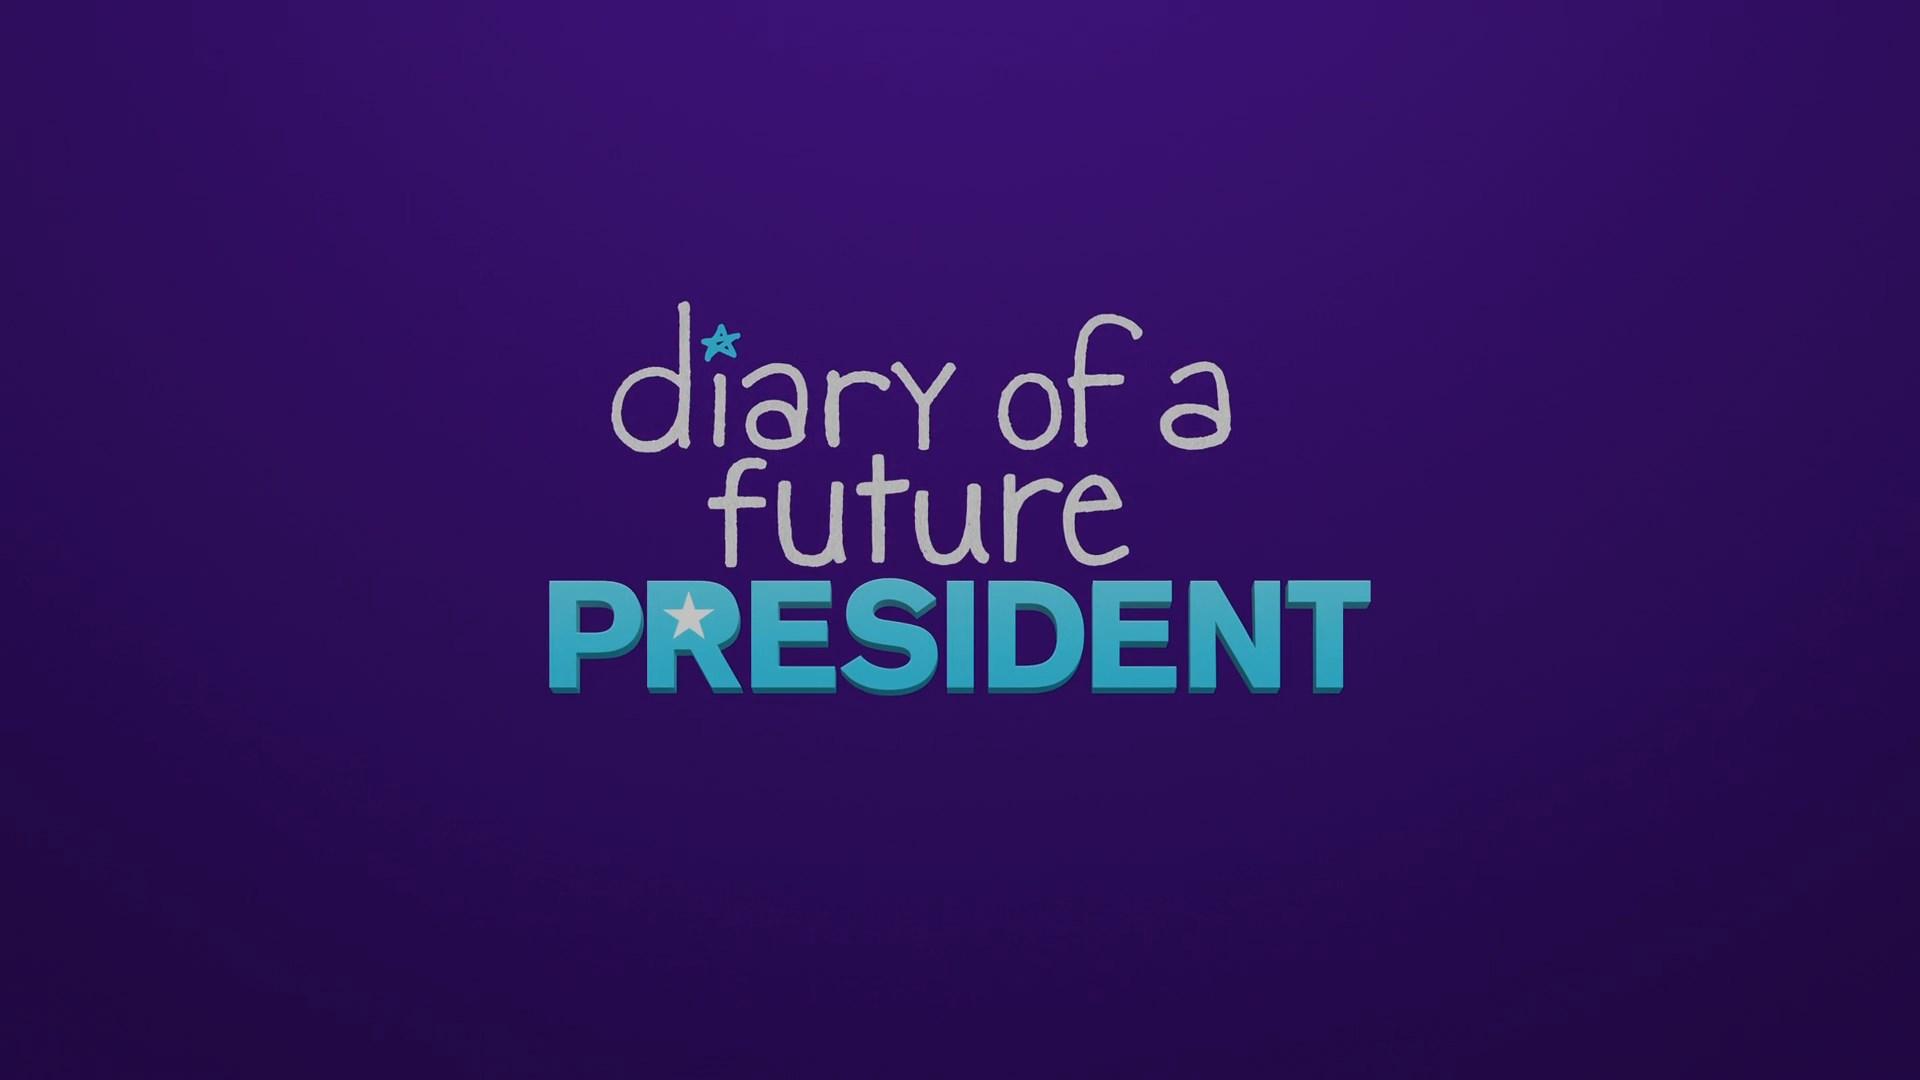 Diario de una futura presidenta Temporada 1 (2020) 1080p WEB-DL Latino